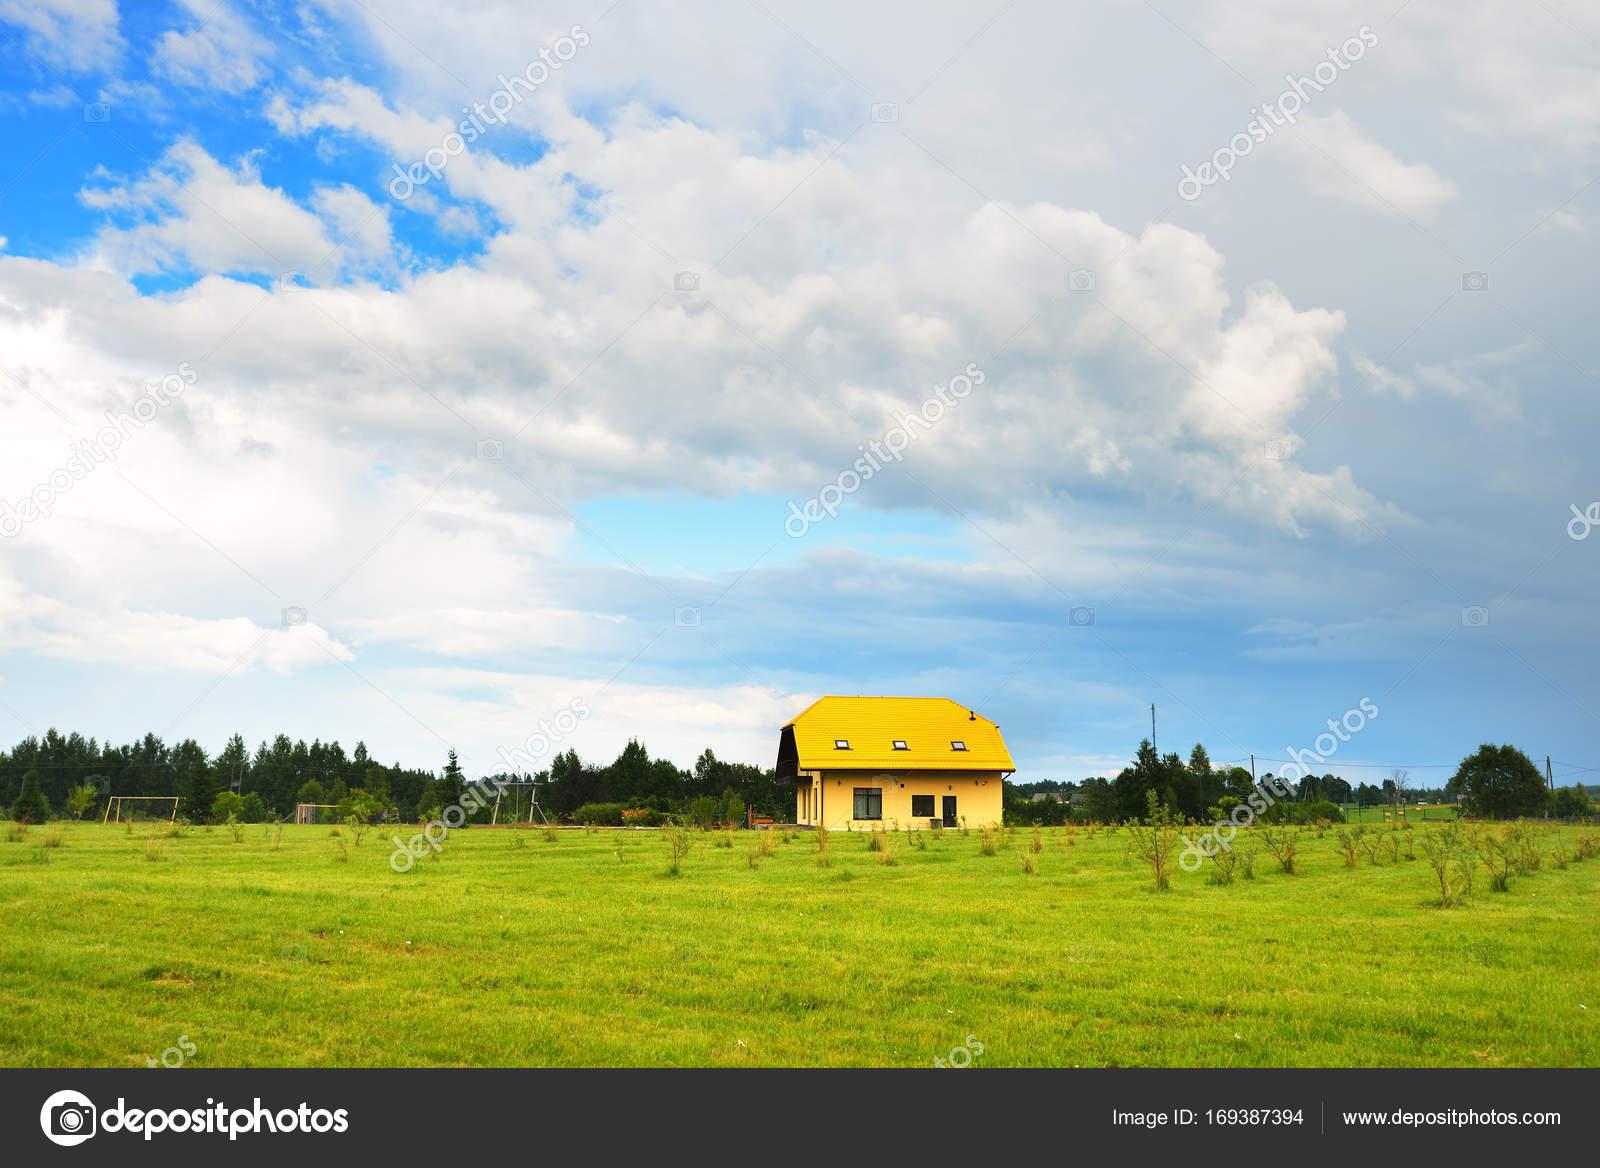 Modernes Landhaus im grünen Feld — Stockfoto © alex.stemmer #169387394